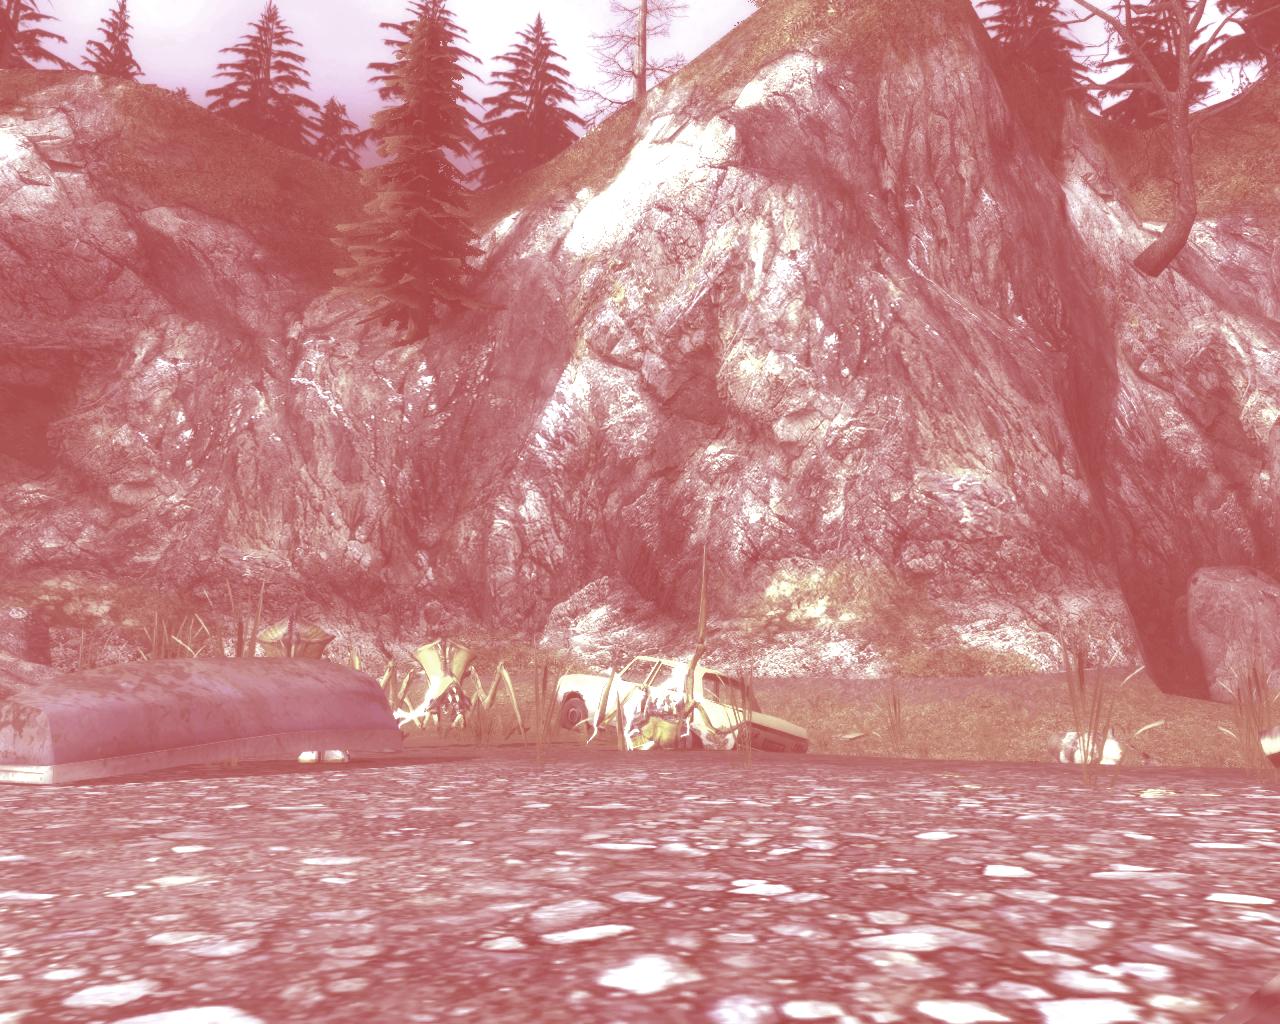 ep2_outland_050089.png - Half-Life 2